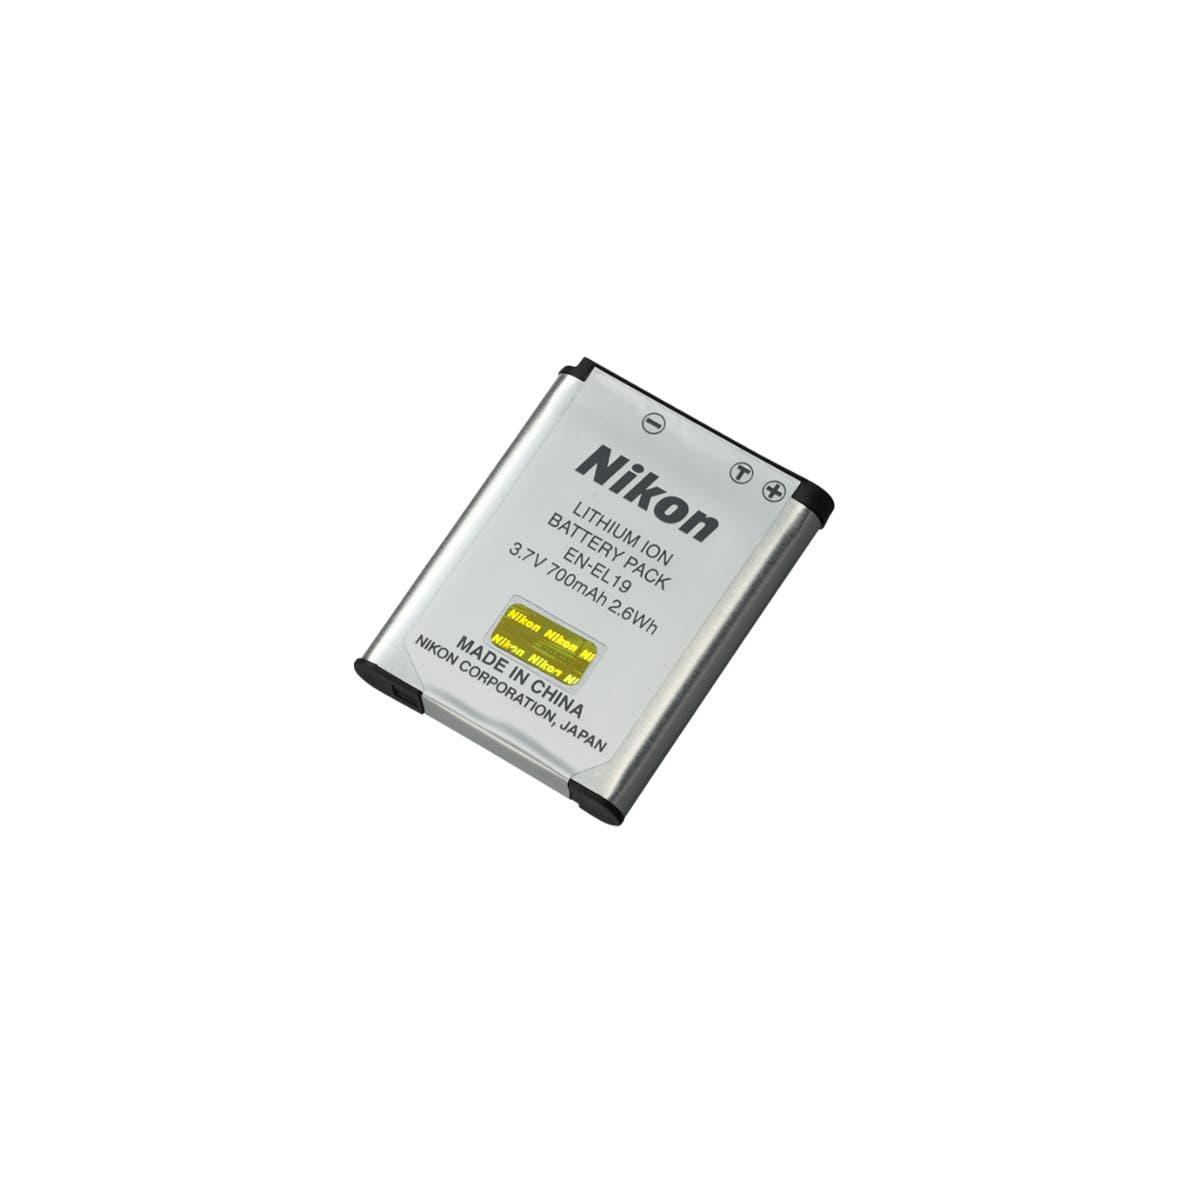 EN-EL19 Rechargeable Li-ion Battery